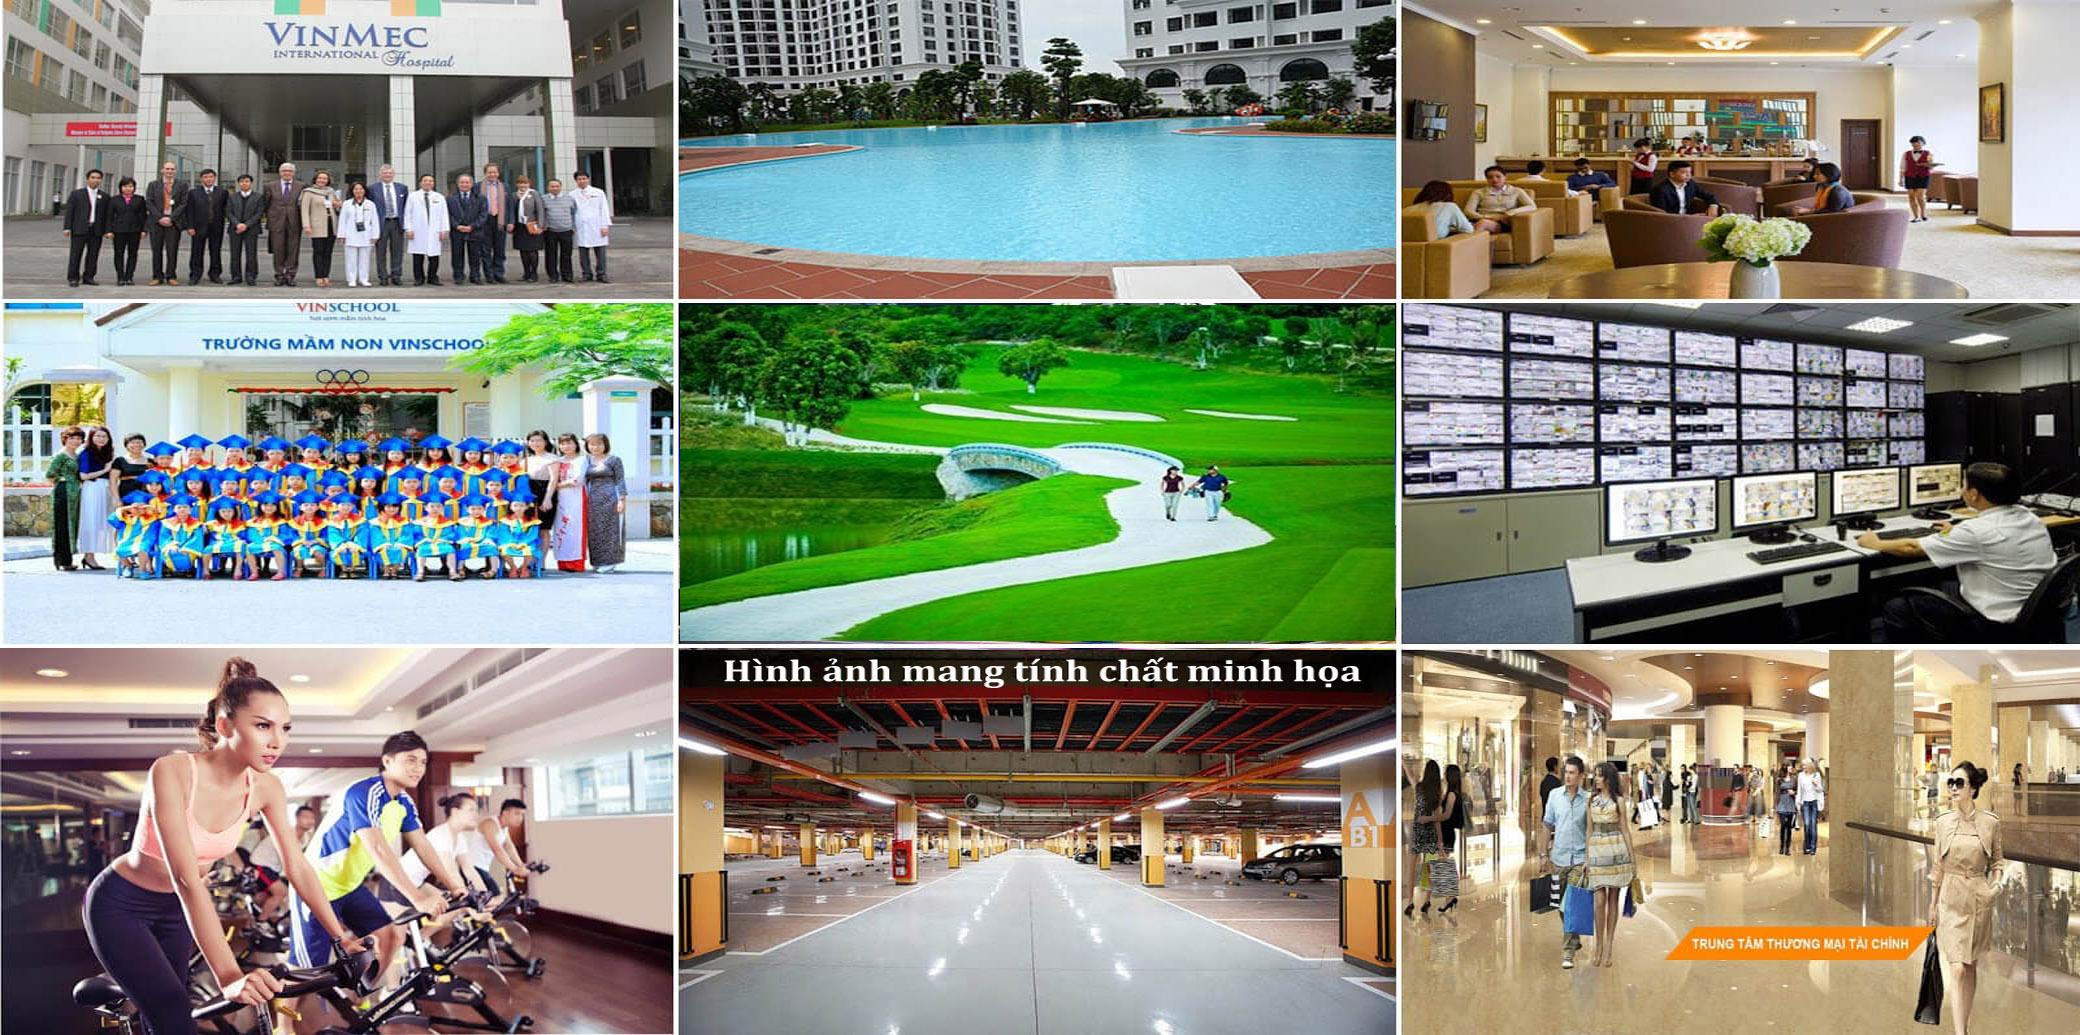 Tiện ích phong phú và đa dạng trong dự án Vinhomes Khánh Hội quận 4.